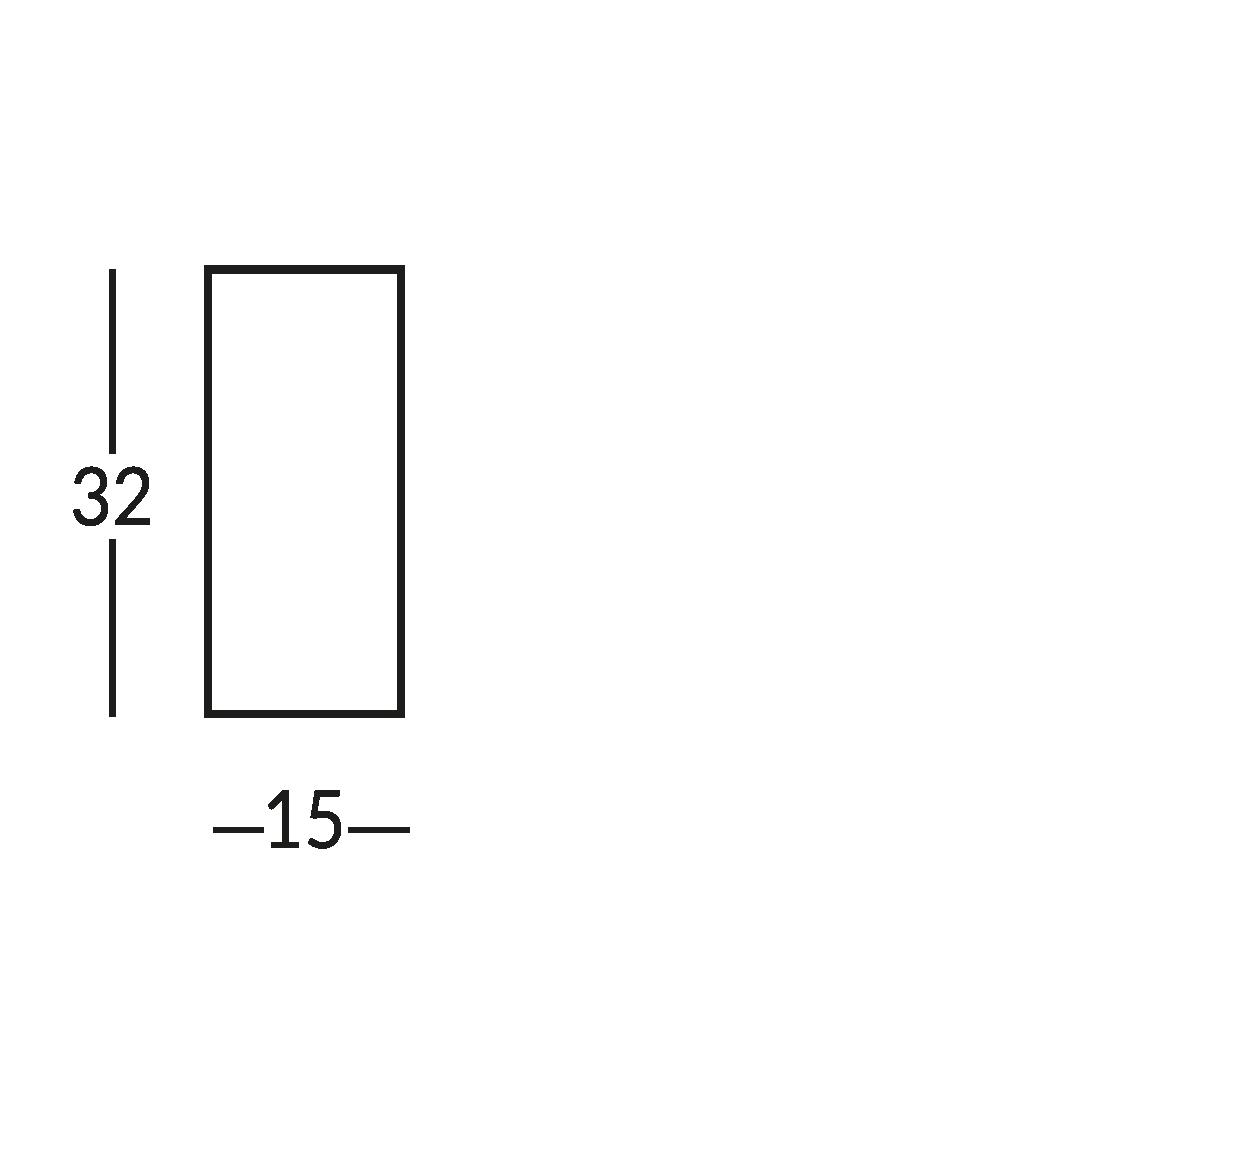 Supporti per comunicazioni normative e regolamentari realizzati in metallo e stampati in quadricromia.